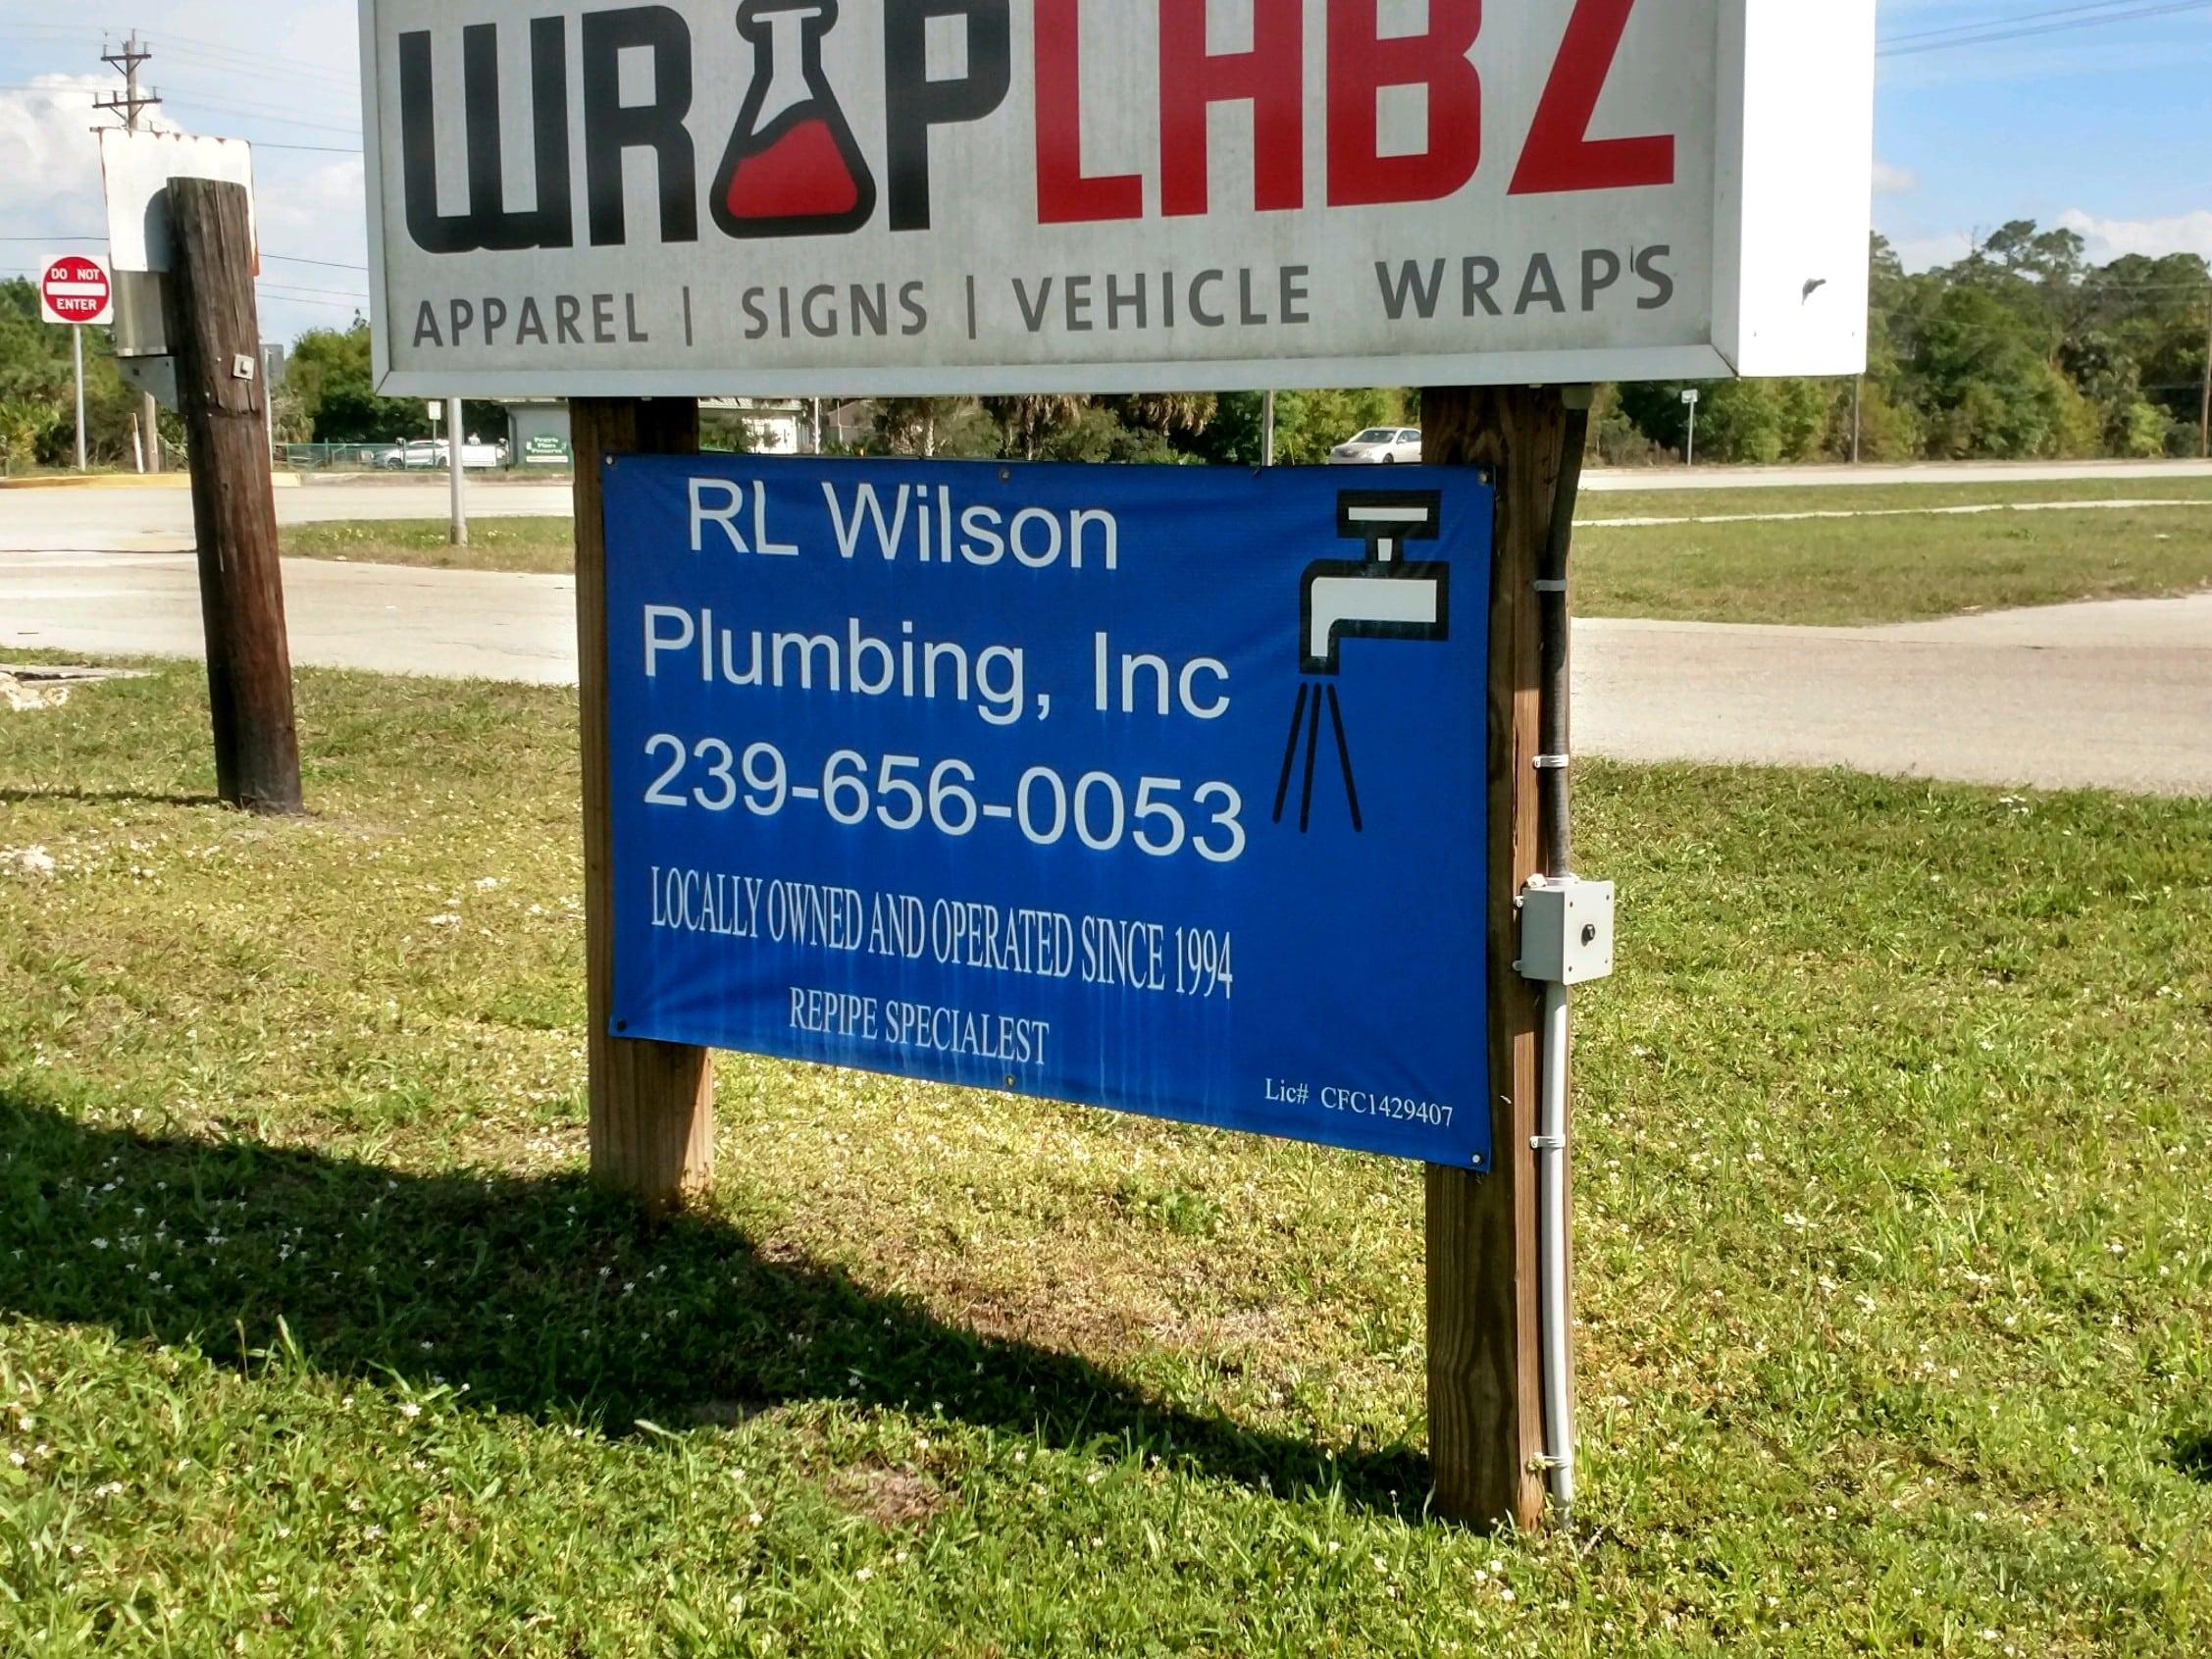 RL Wilson Plumbing